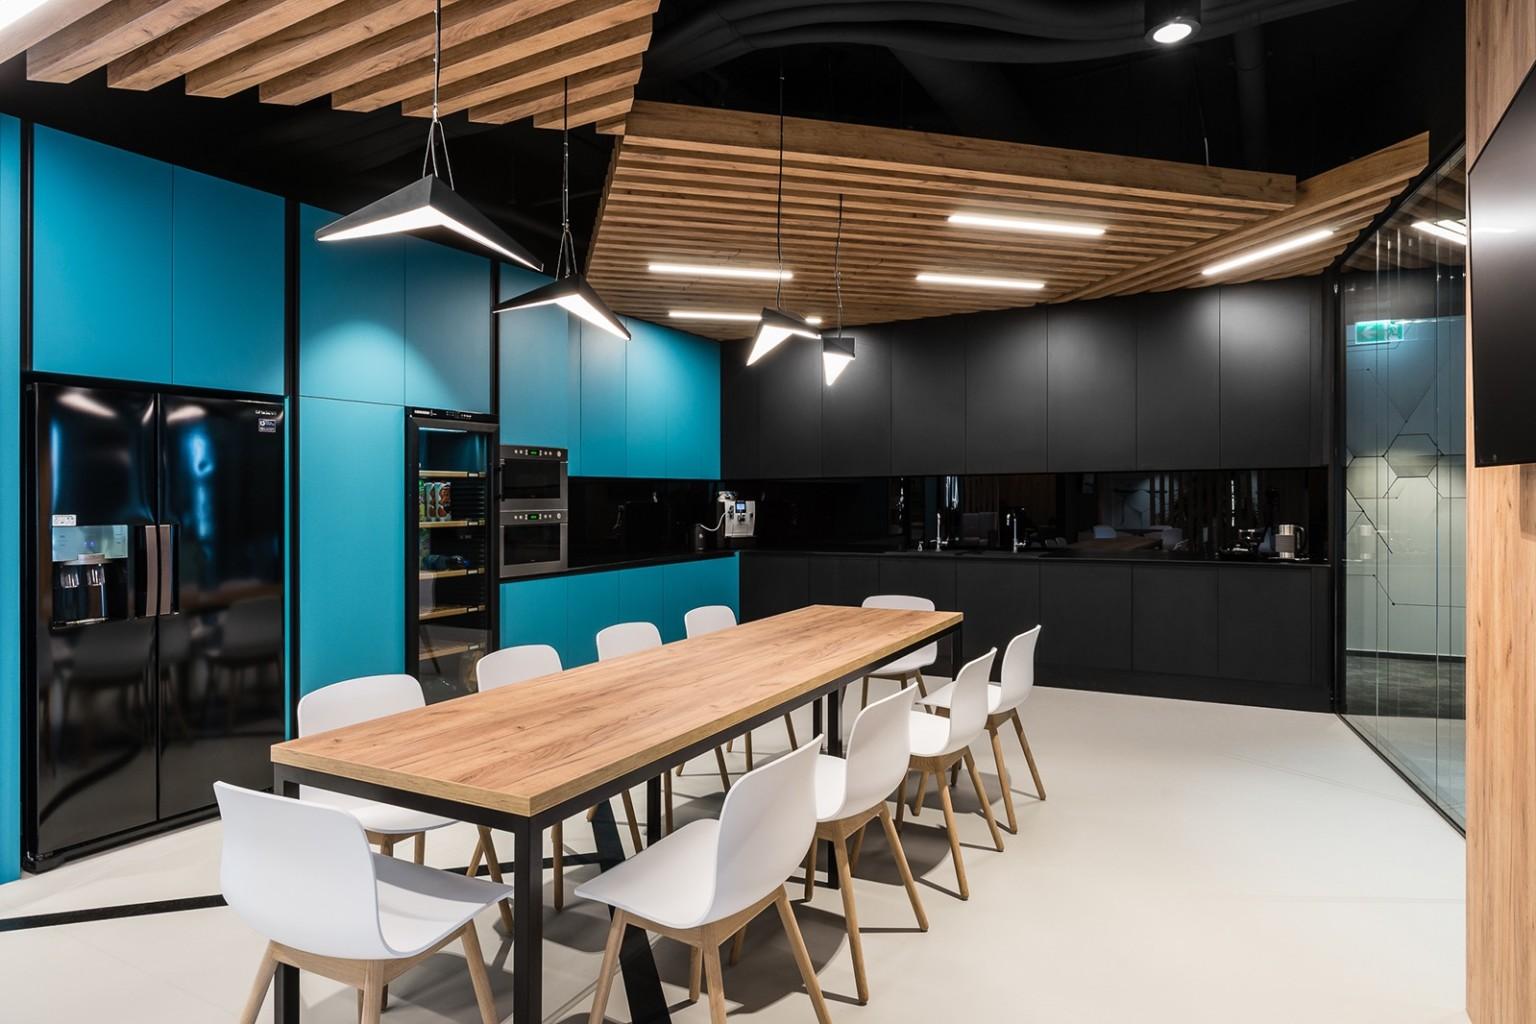 eset-office-krakow-8-768x512@2x.jpg